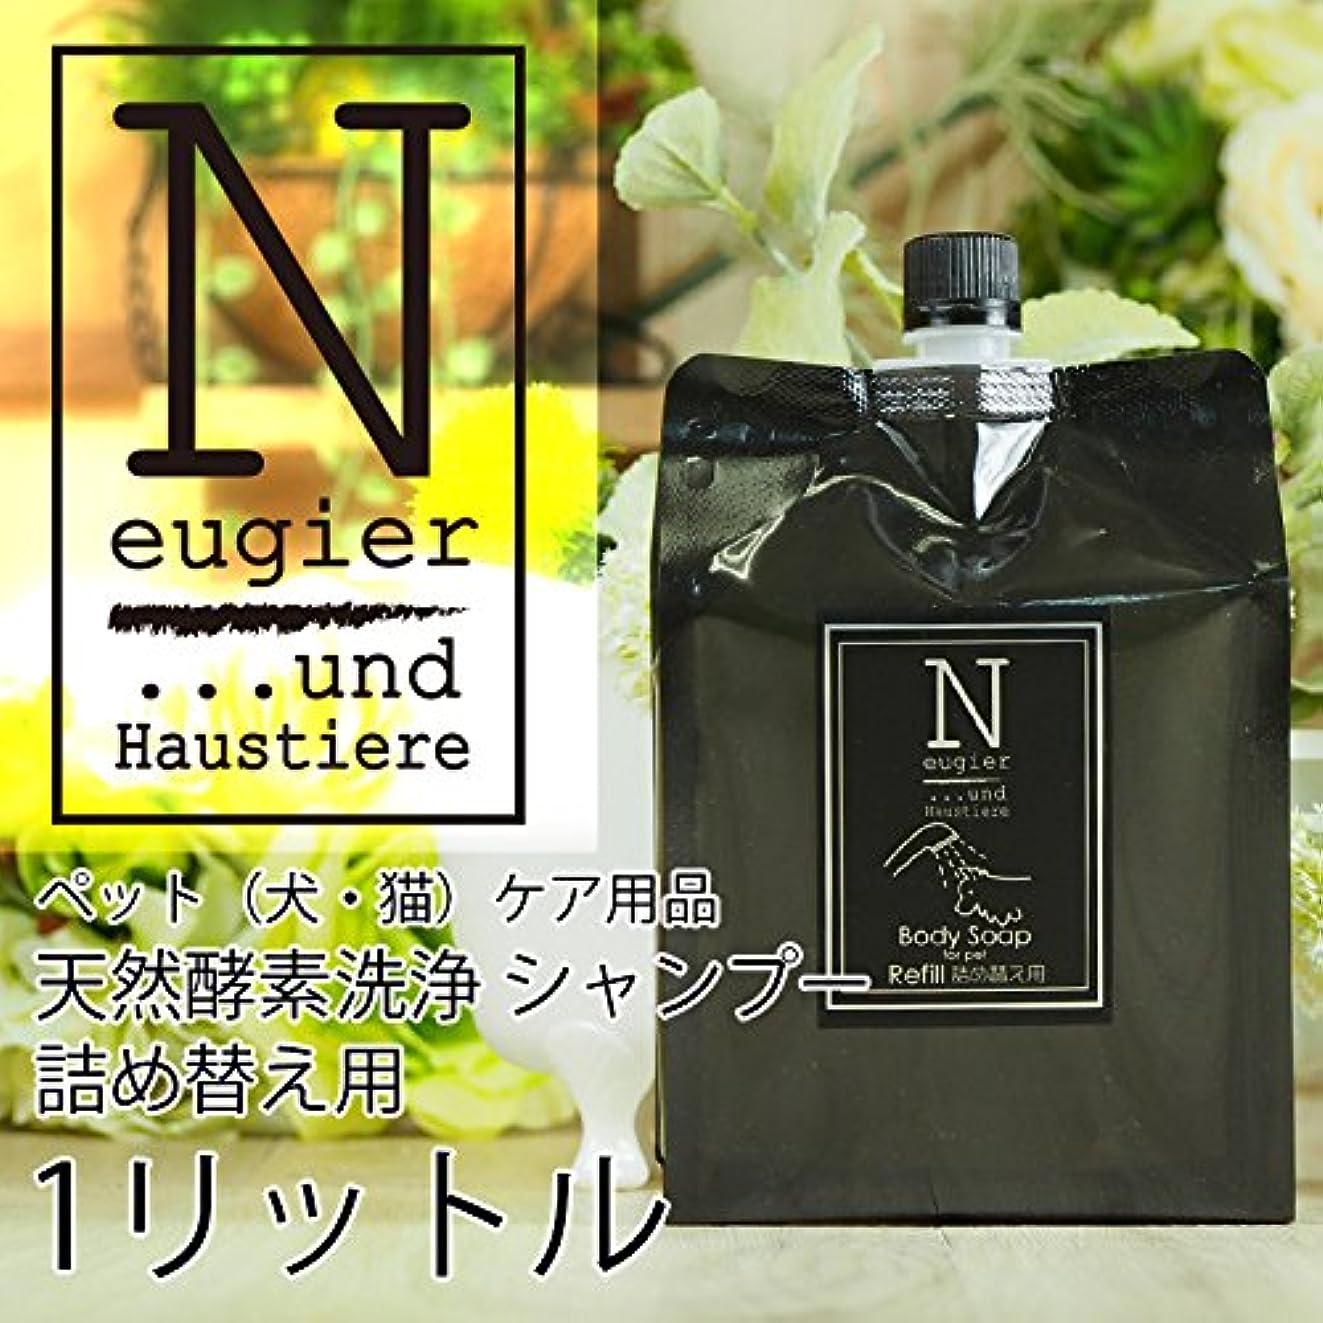 ほかに体操彫るNeugier ケアシリーズ body Soap (ボディーソープ/ペットシャンプー) (1000)